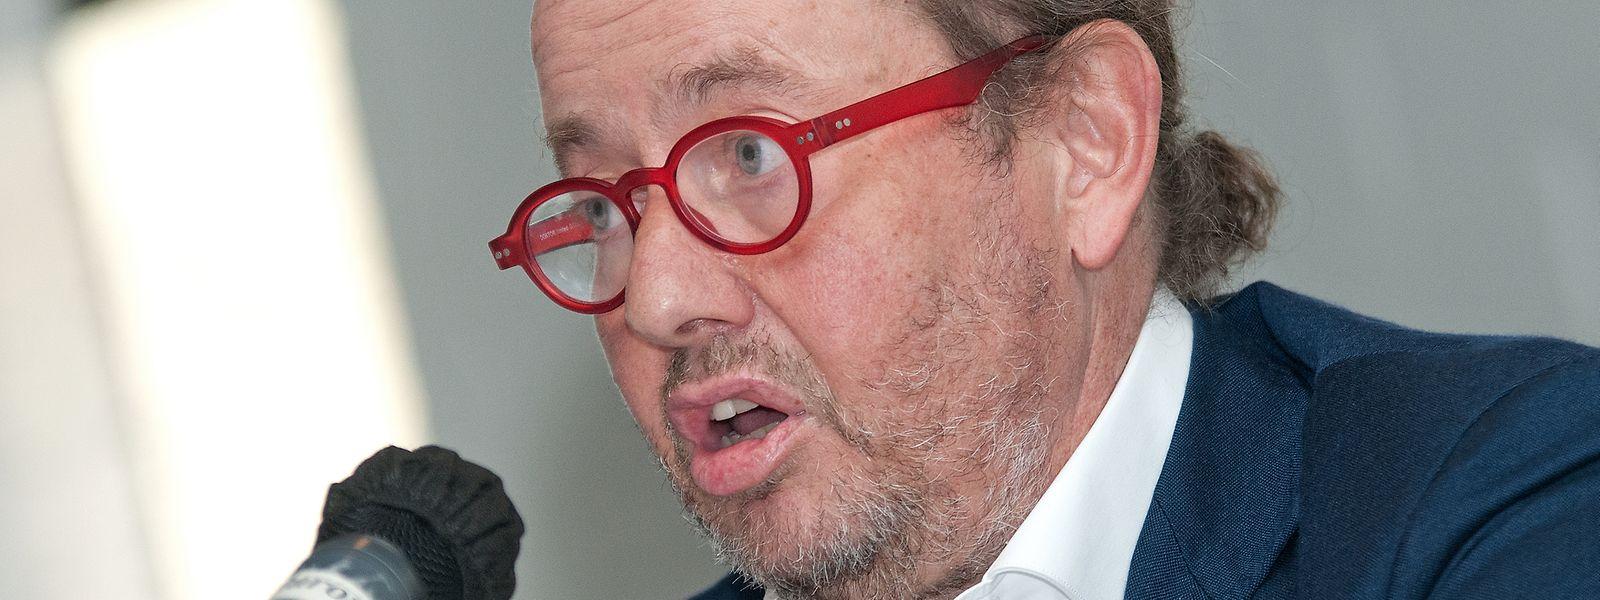 Quand le président des HRS Jean-Louis Schiltz confie un dossier juridique à l'avocat Jean-Louis Schiltz, n'y a-t-il pas conflit d'intérêts? Les hôpitaux Robert-Schuman s'en défendent.